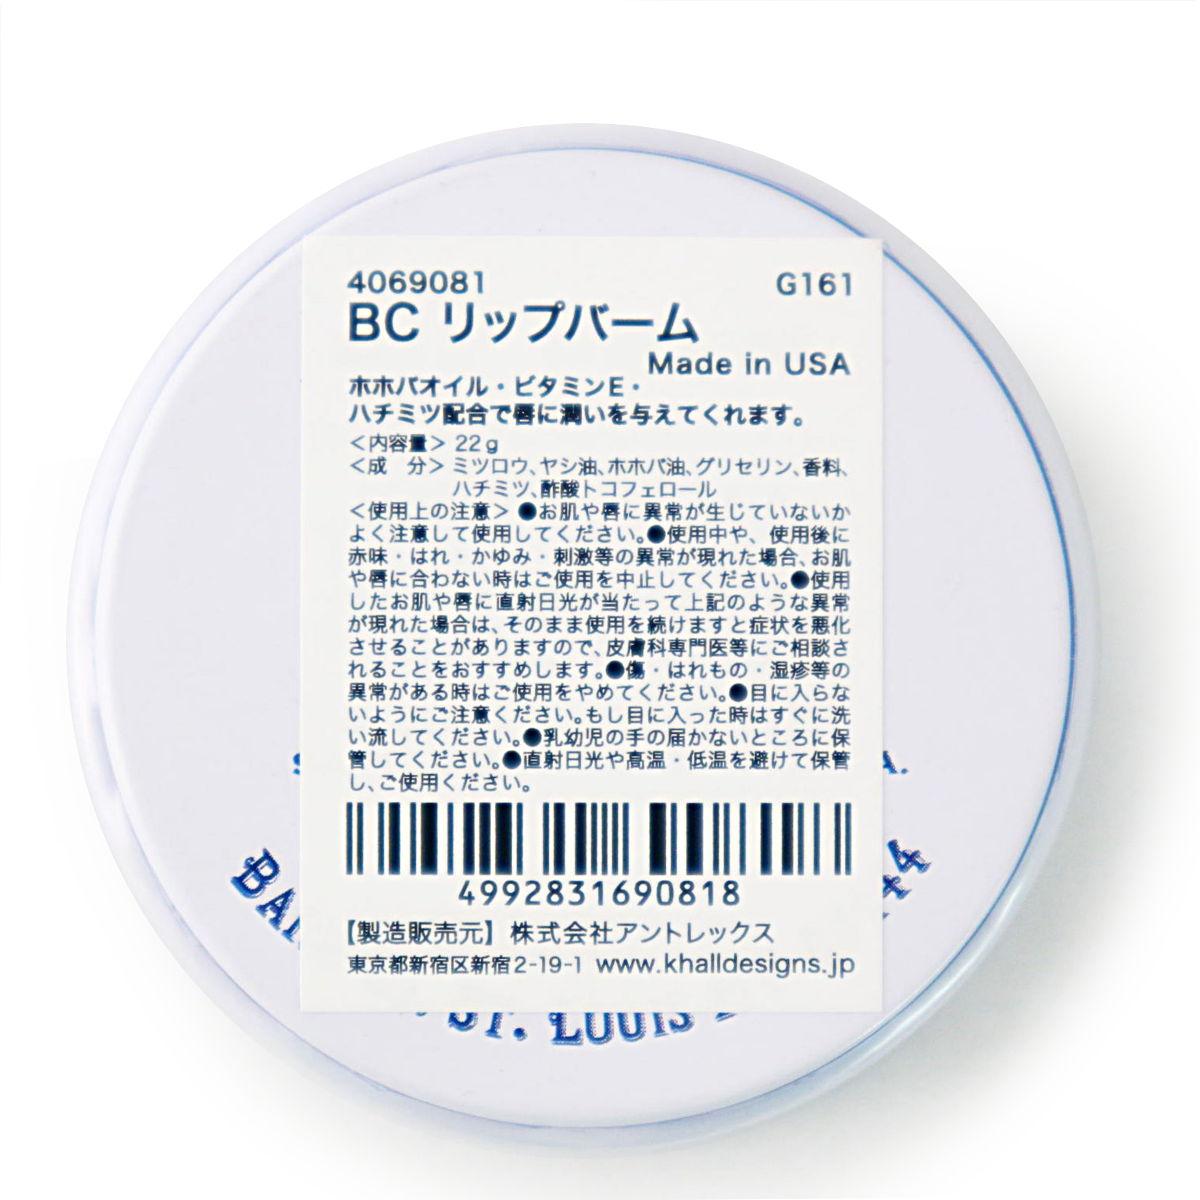 リップバーム/BARR-CO(リップクリーム)